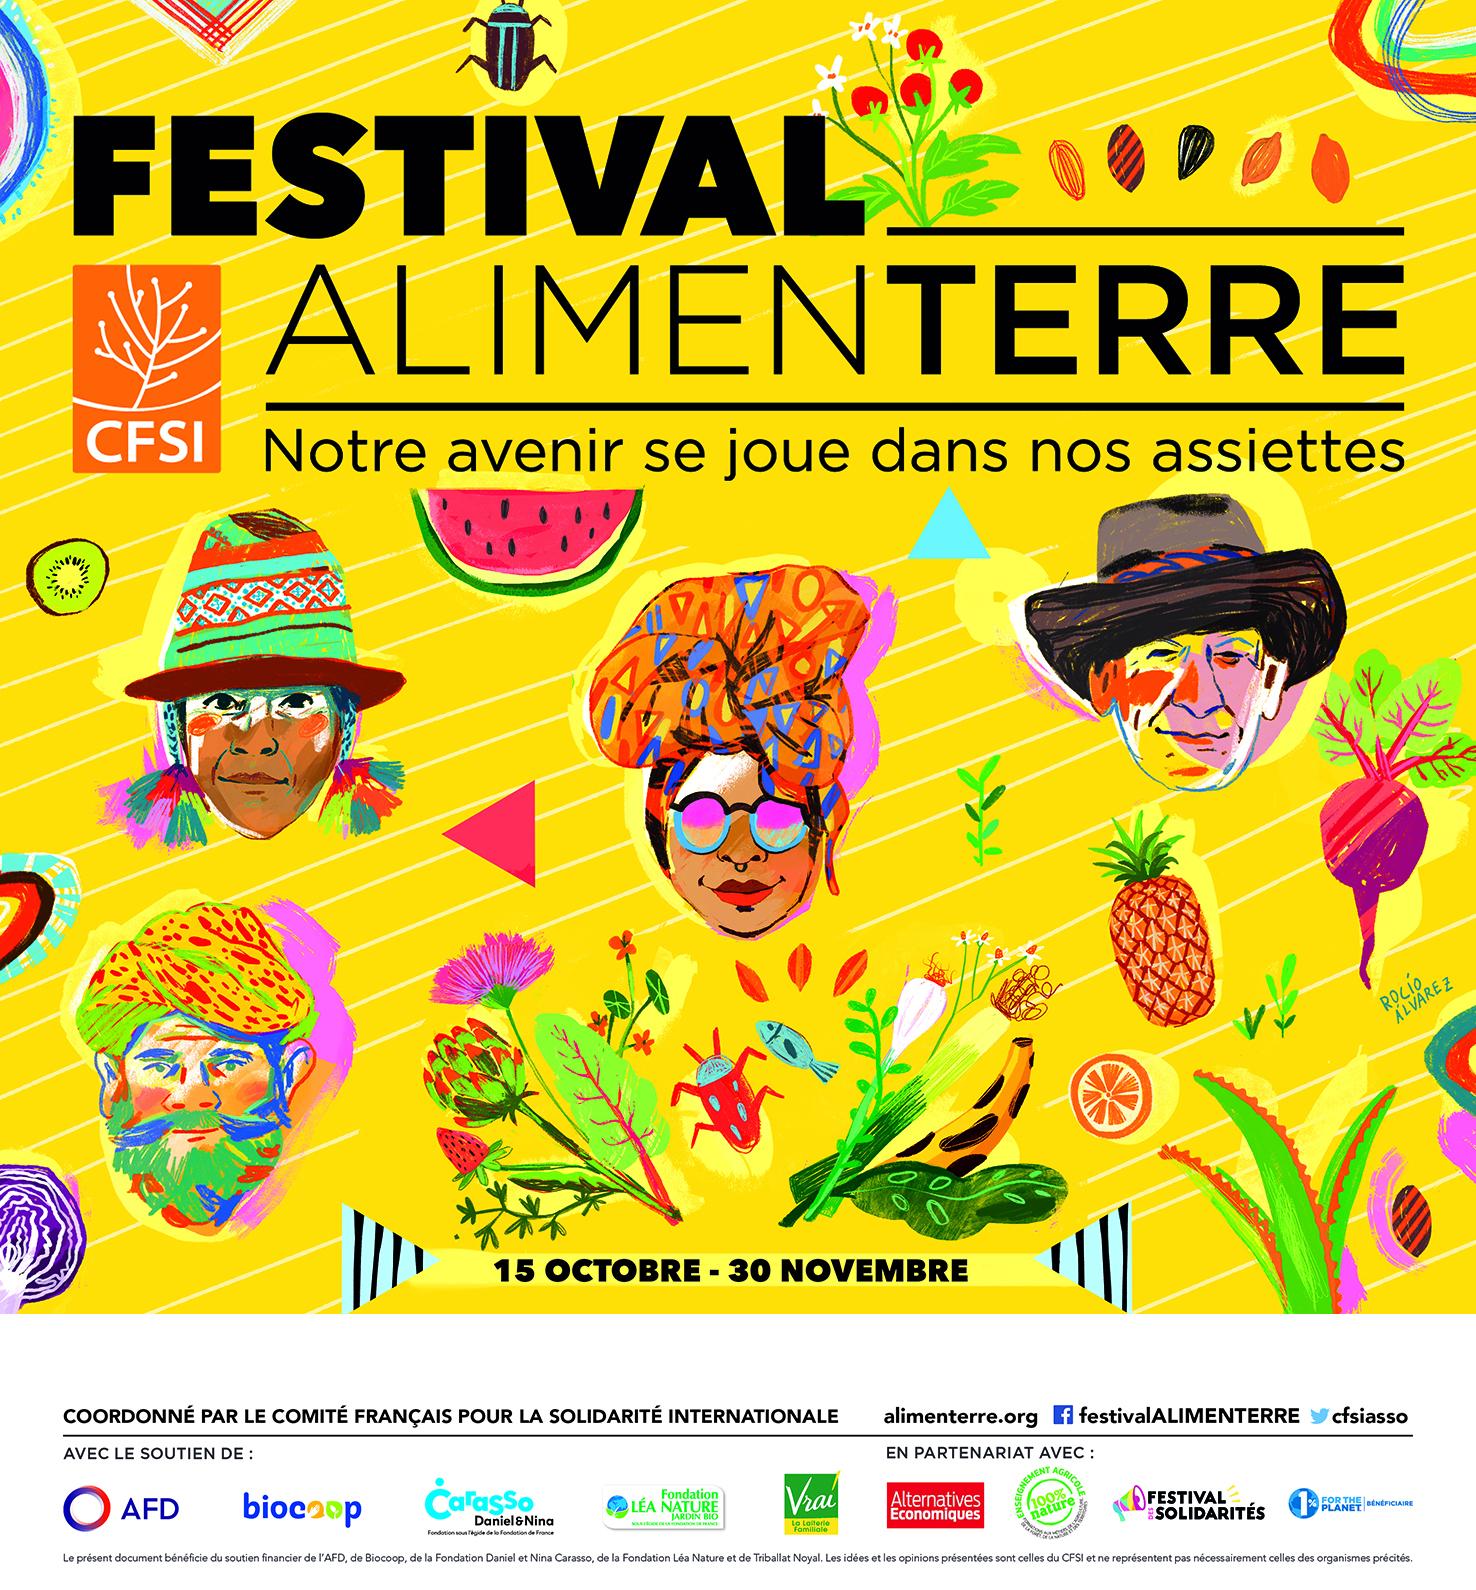 1ère édition 2019 du Festival AlimenTERRE au Centre La Vie en Vert : une réussite  !